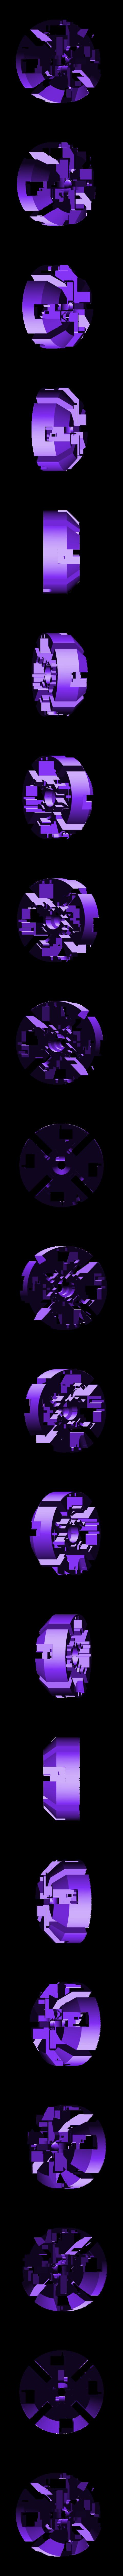 base.stl Download free STL file Servo Flower • 3D printing model, Job